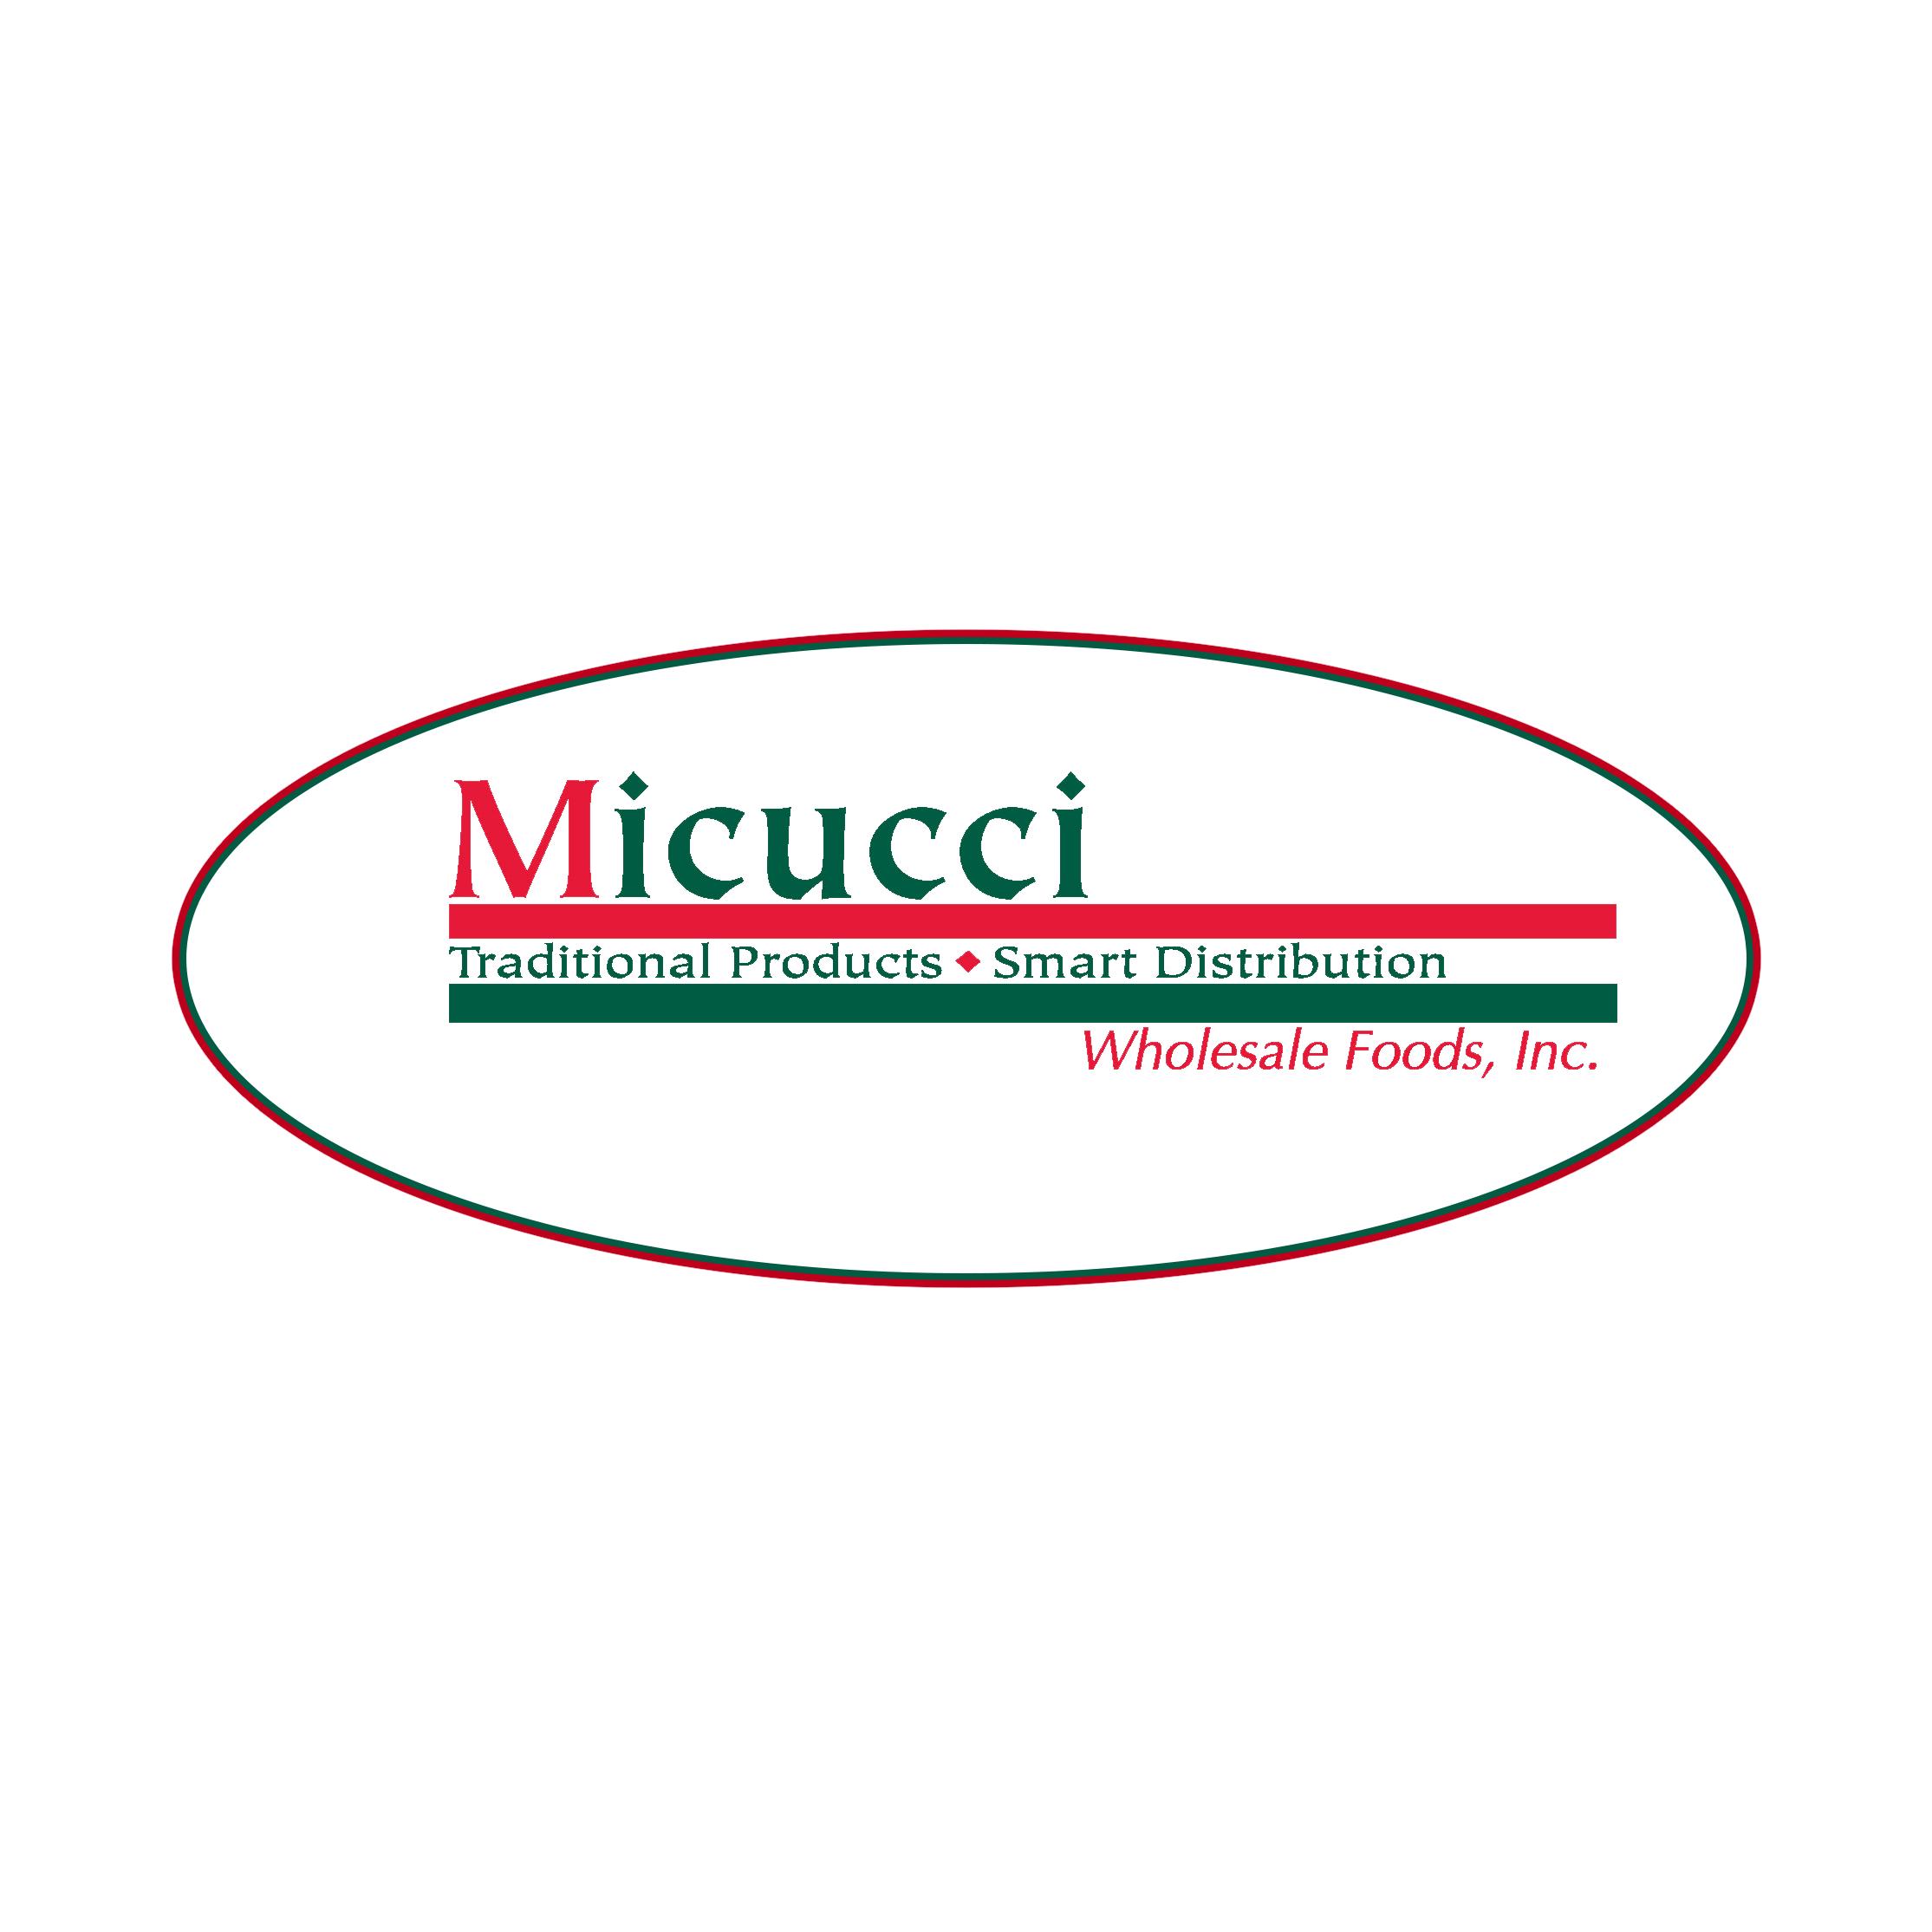 Micucci Wholesale Foods